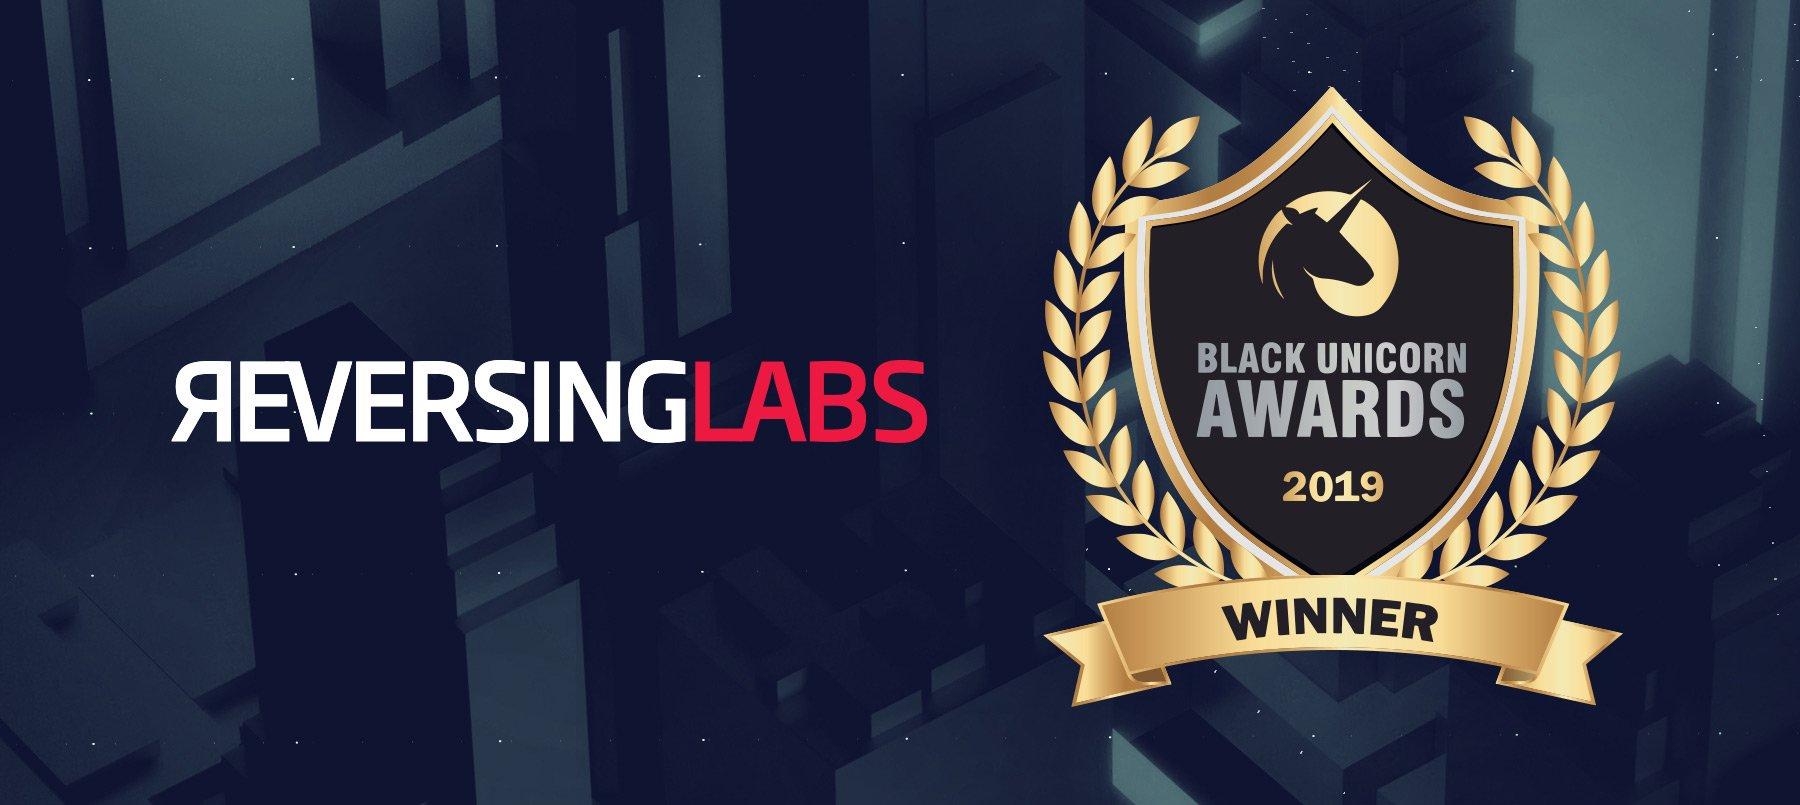 ReversingLabs Named a Winner in 2019 Black Unicorn Awards